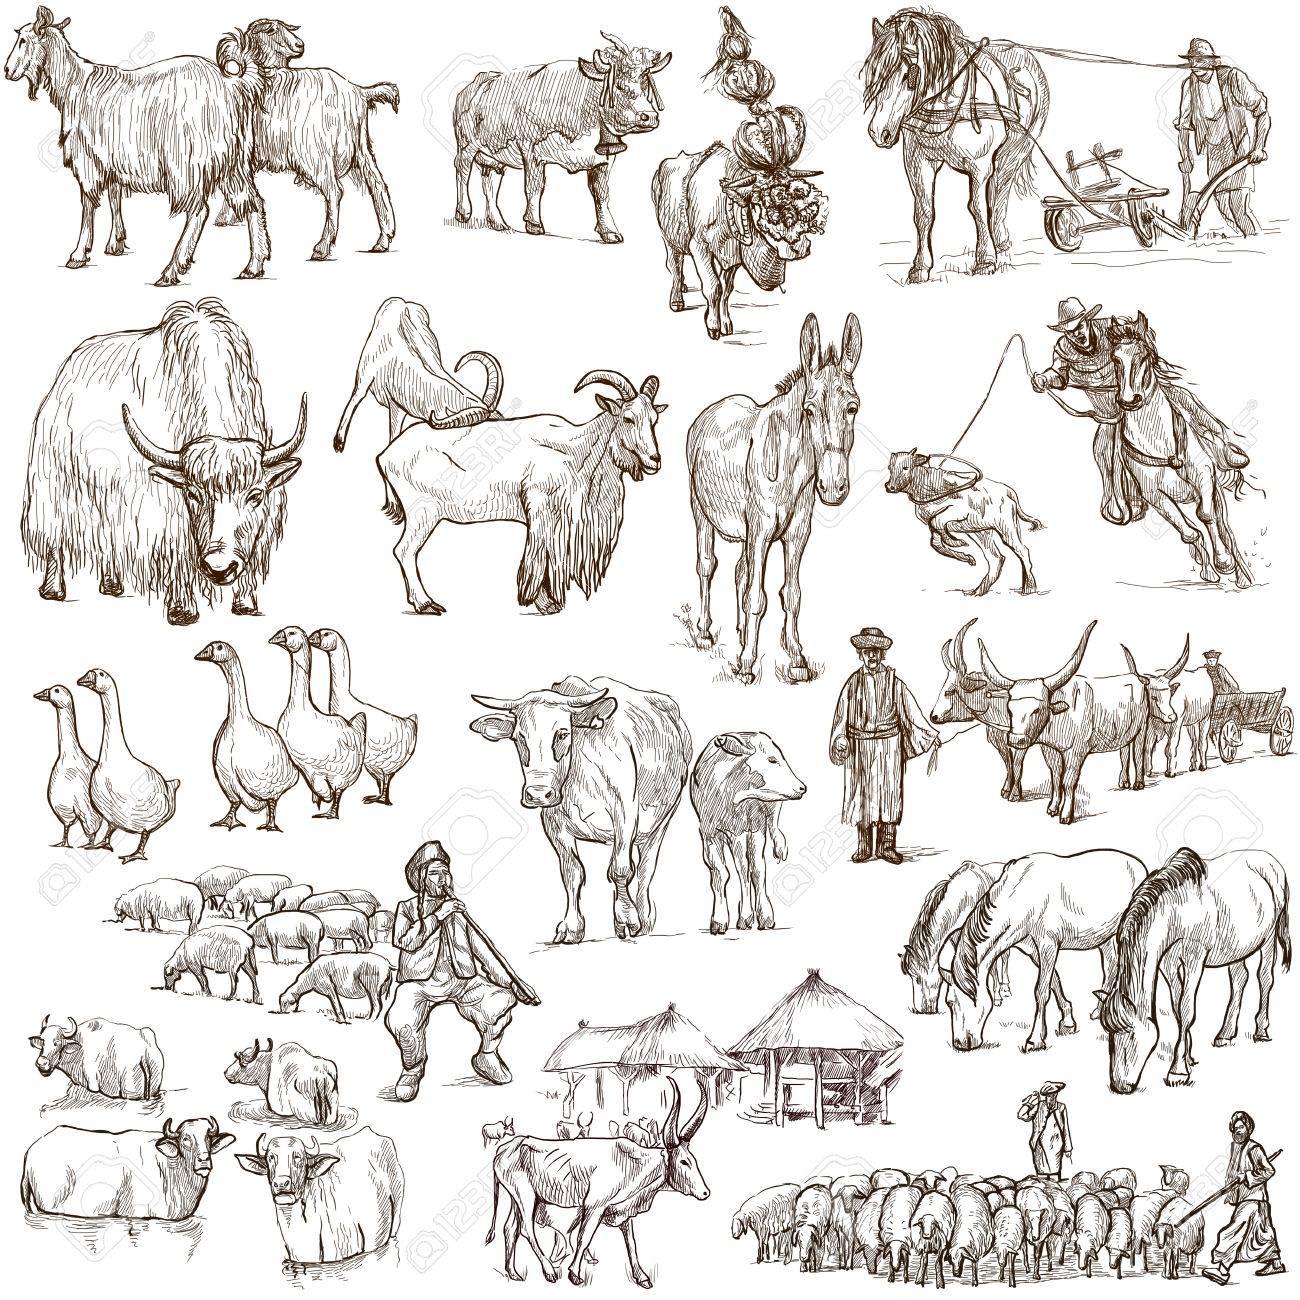 世界の動物 (セット no.12 - 農場の動物) - 手描きイラスト集。説明